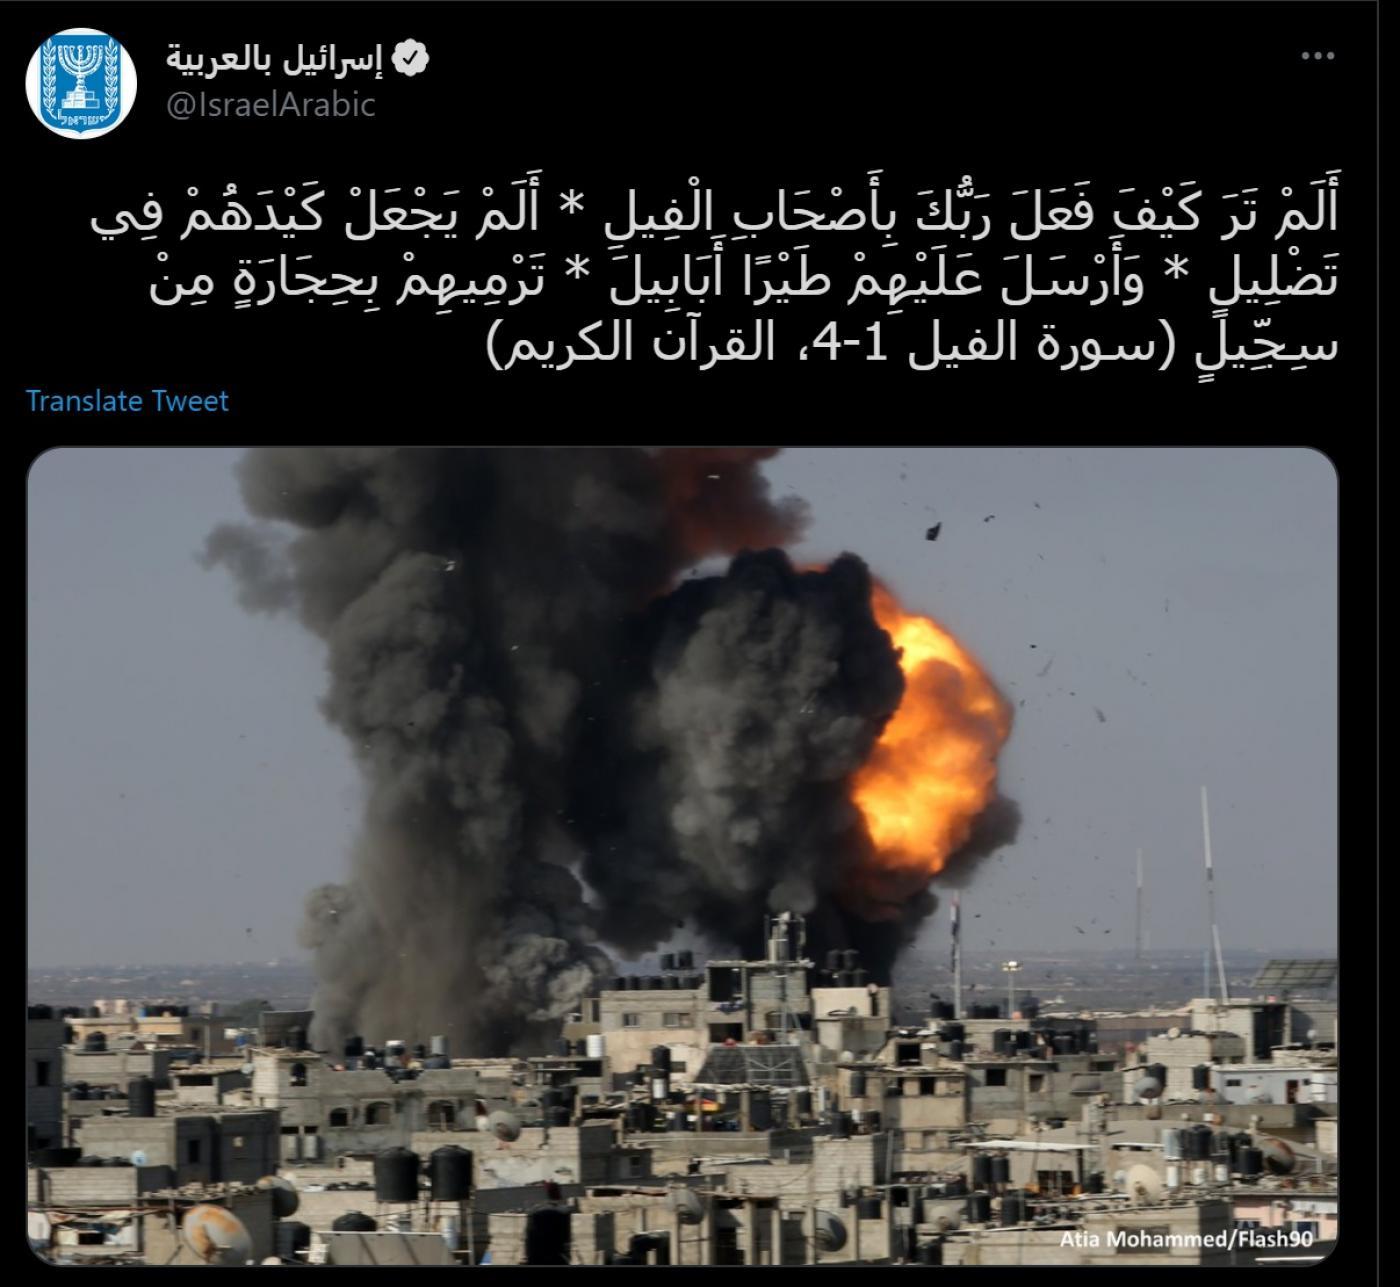 Le compte Twitter officiel d'Israël publie des versets coraniques semblant justifier le bombardement de la bande de Gaza assiégée (capture d'écran/Twitter)